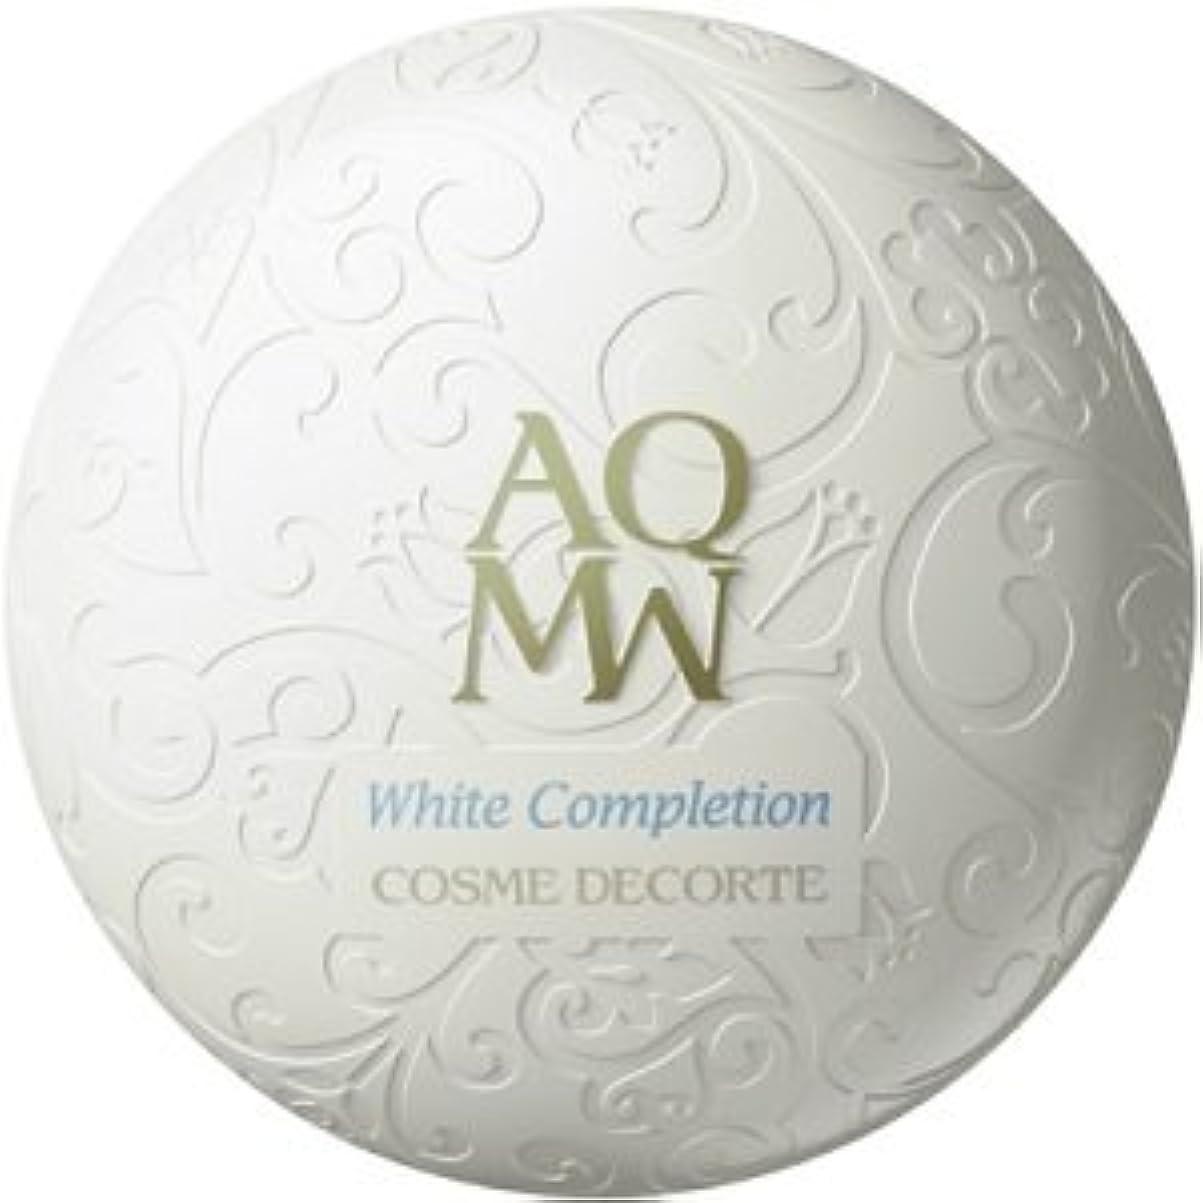 大胆な見つけた留め金コスメデコルテ AQMW ホワイトコンプリーション 25g